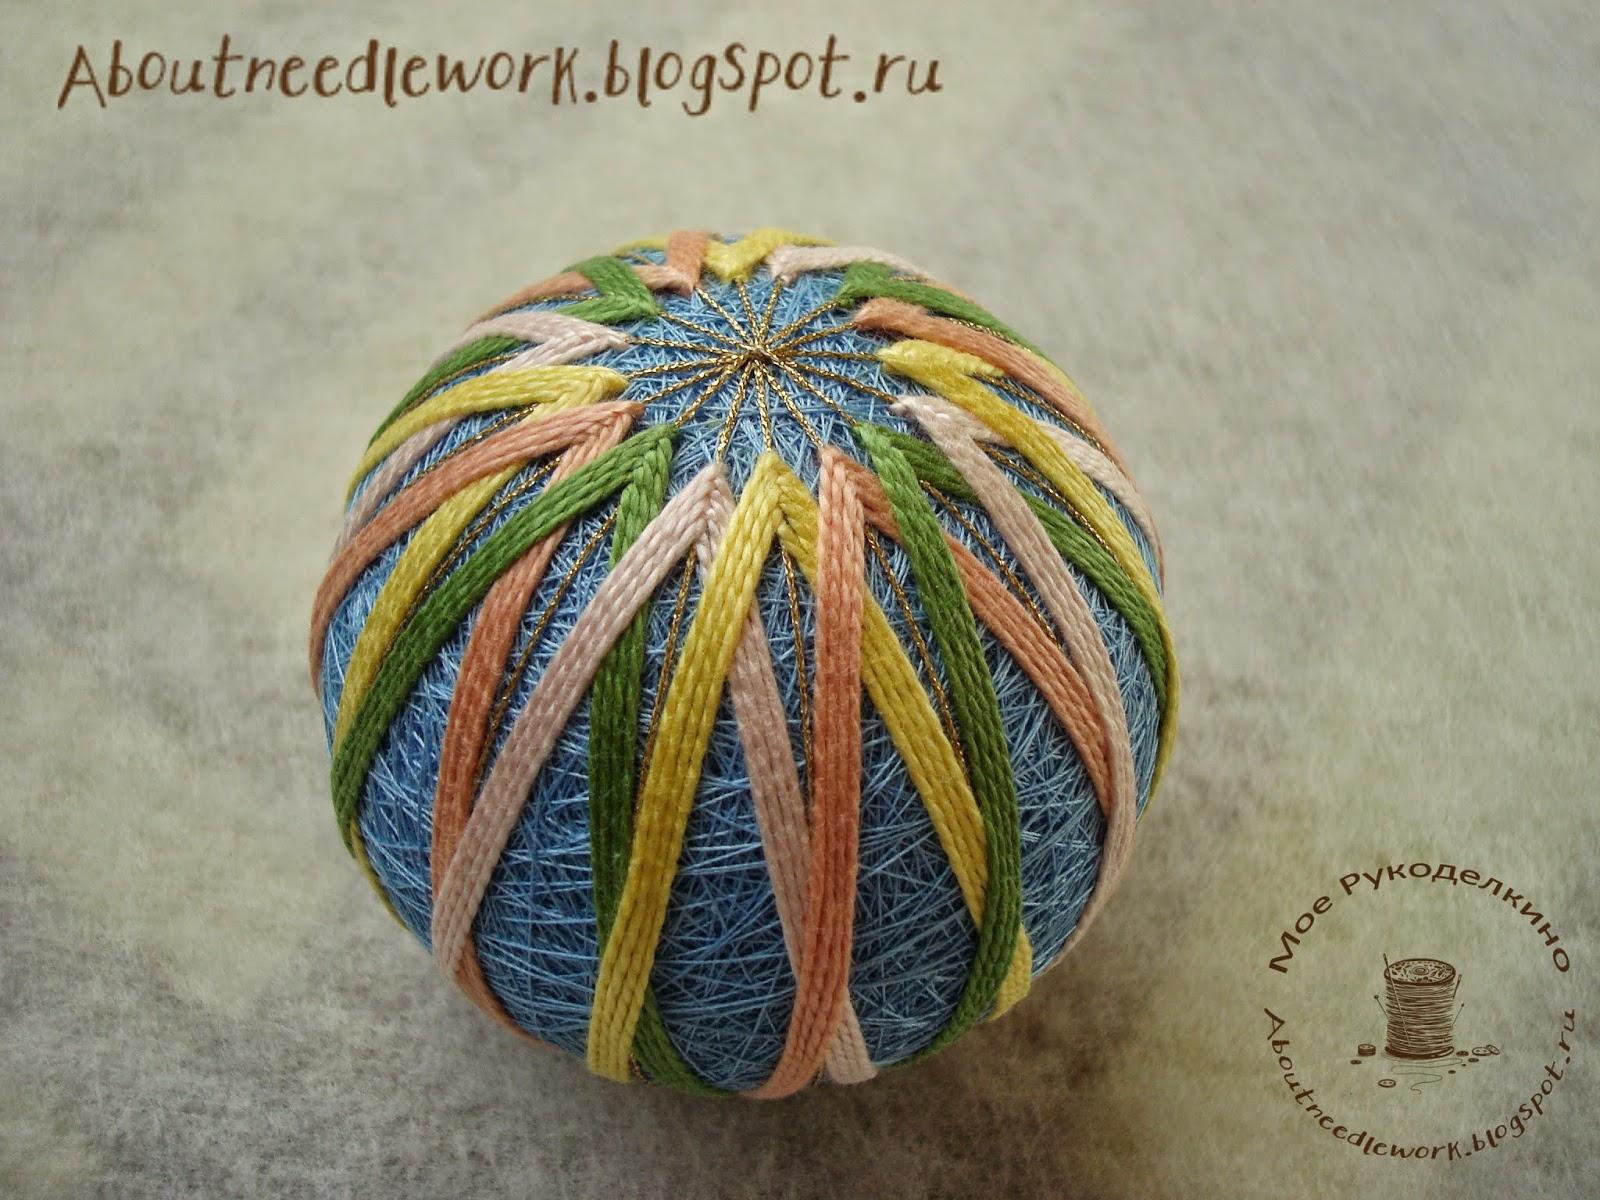 Вышивка японских шаров темари